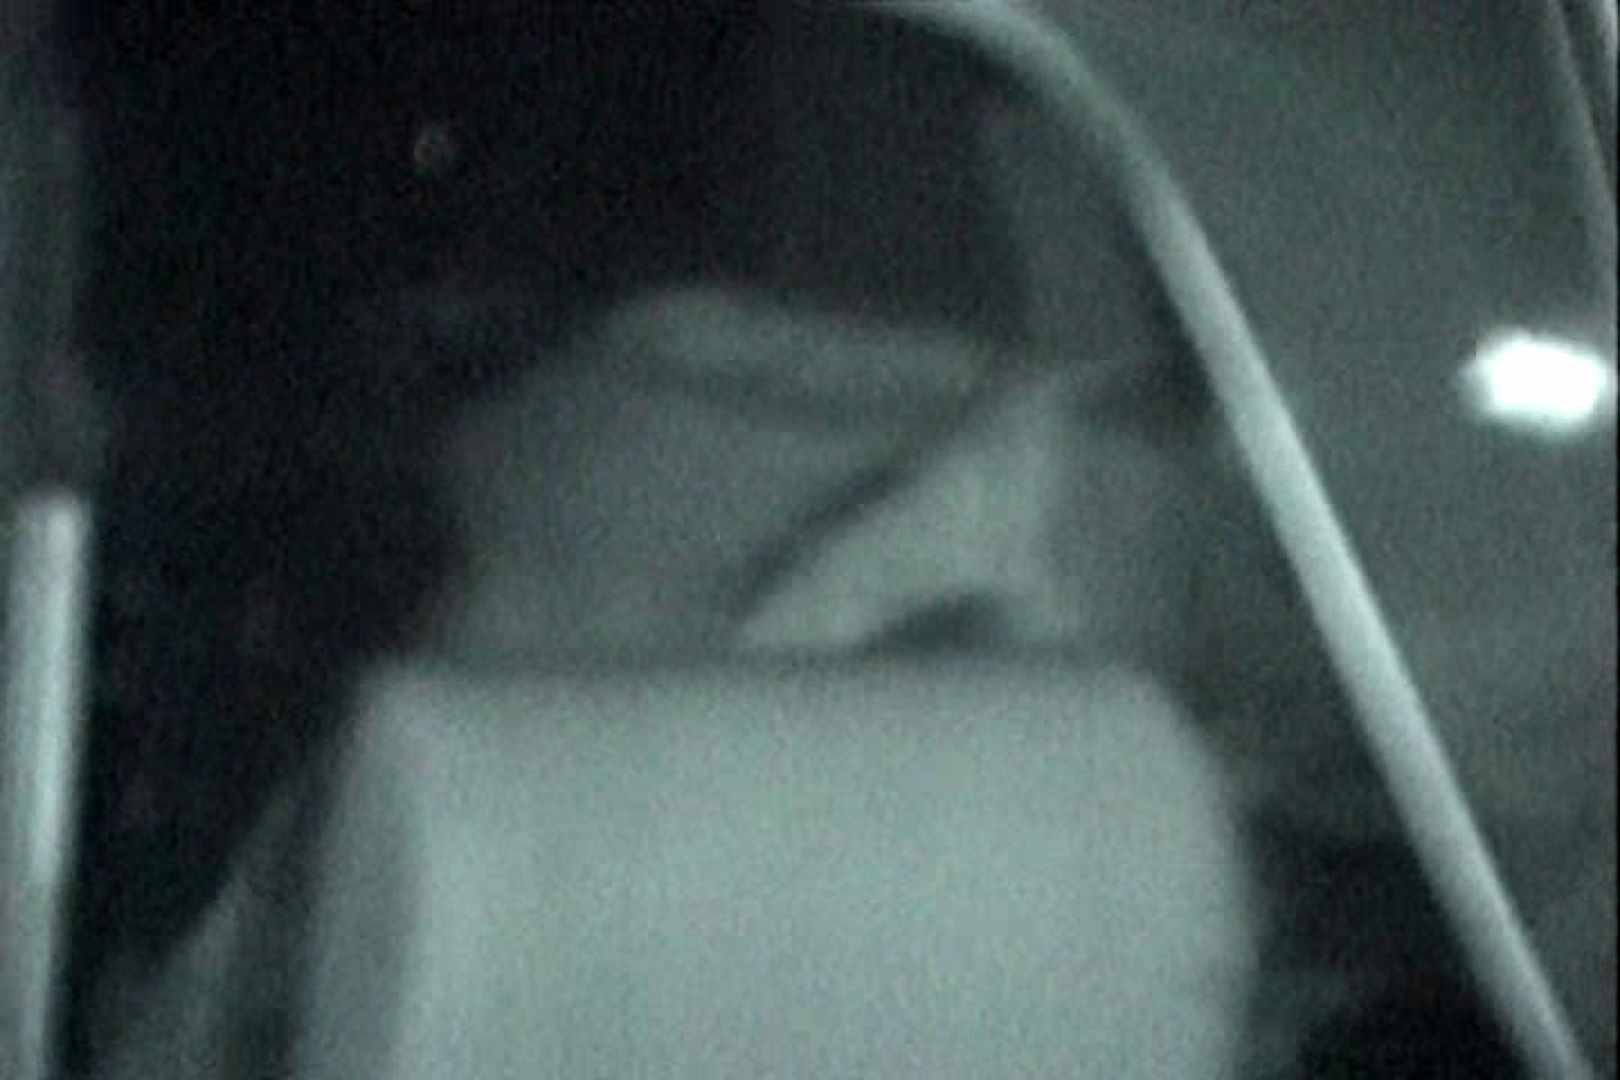 充血監督の深夜の運動会Vol.144 OLセックス 盗撮ワレメ無修正動画無料 100画像 42